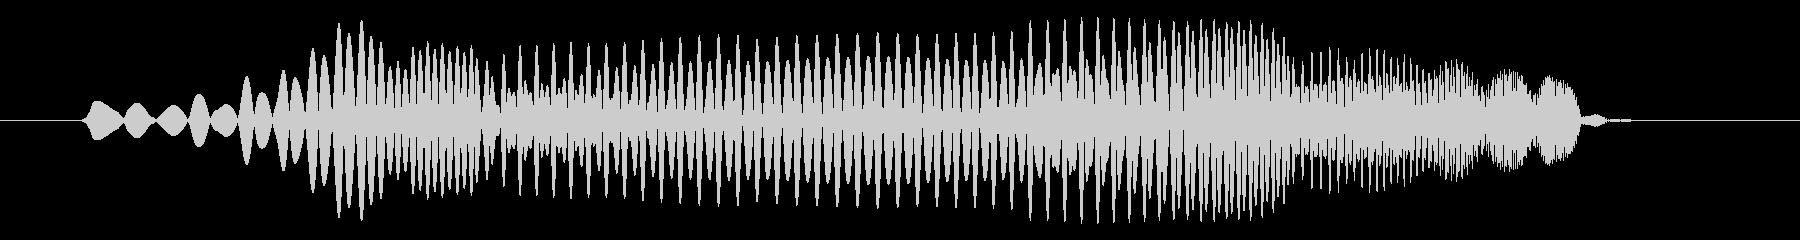 プヨ(スライム・攻撃・はねる・コミカル)の未再生の波形